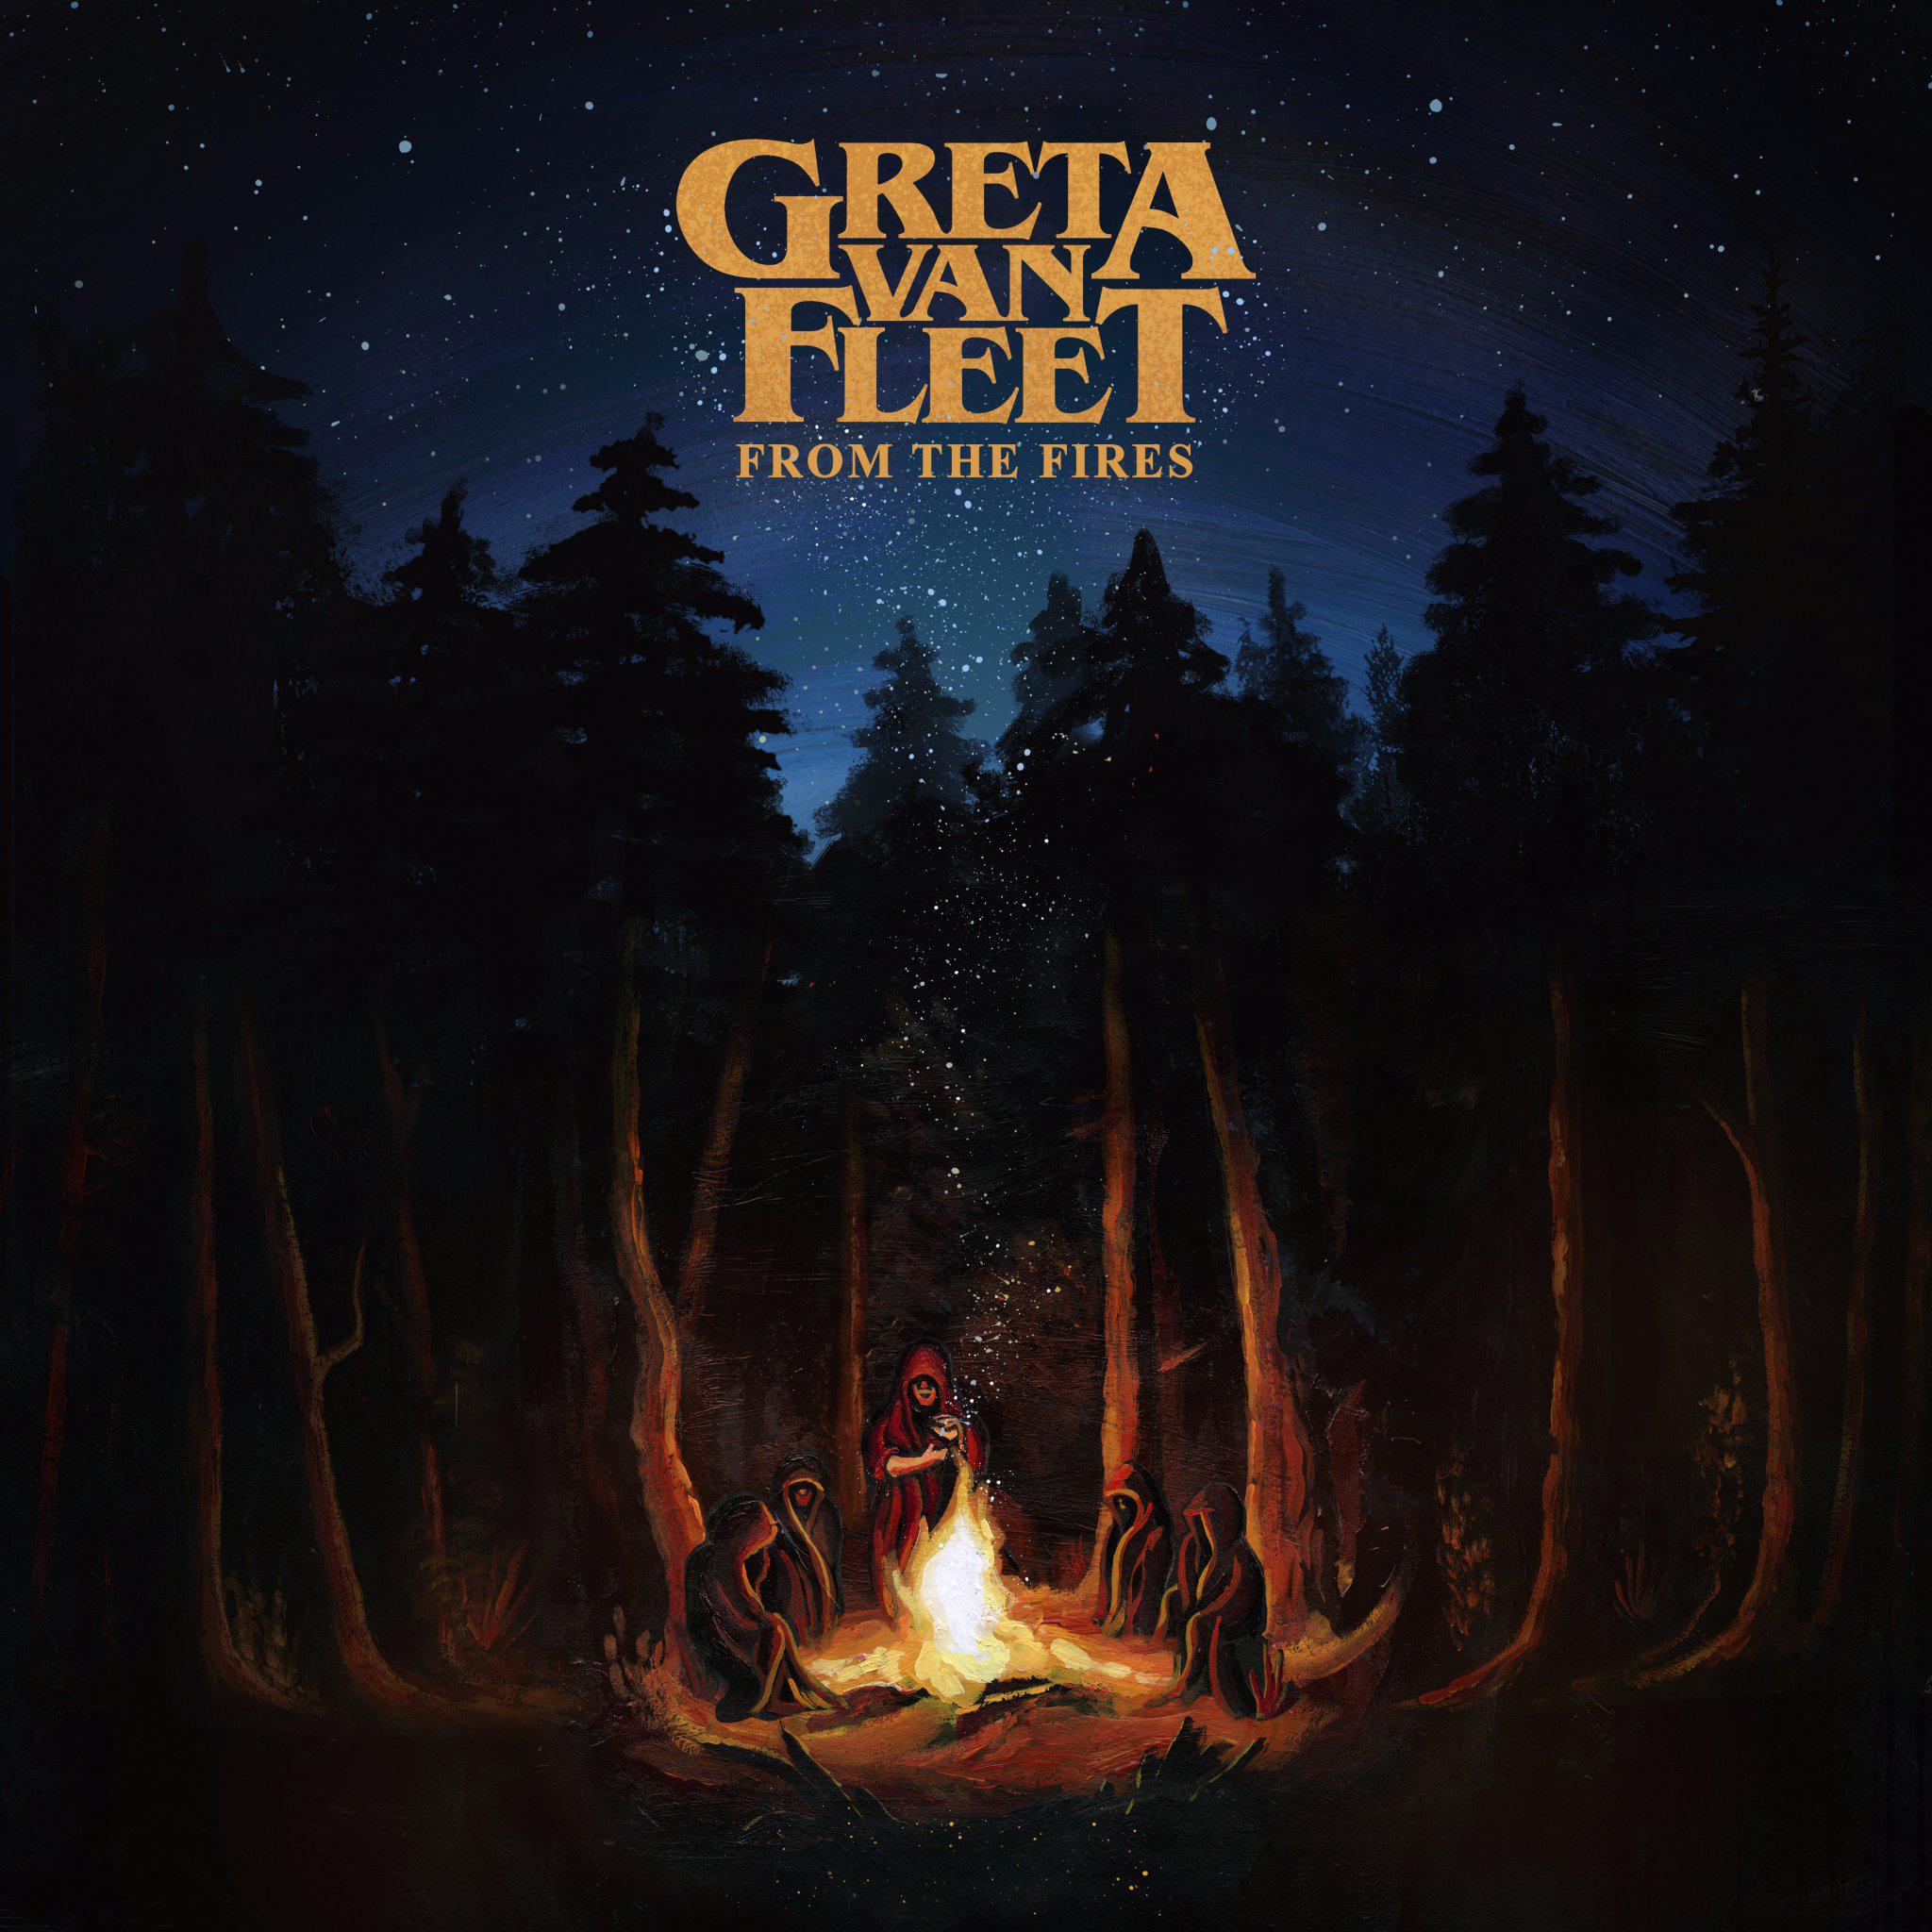 greta-van-fleet-grammys-2019 - Rainier Fog — Alice In Chains Mania — Fall Out Boy Prequelle — Ghost From the Fires — Greta Van Fleet Pacific Daydream — Weezer